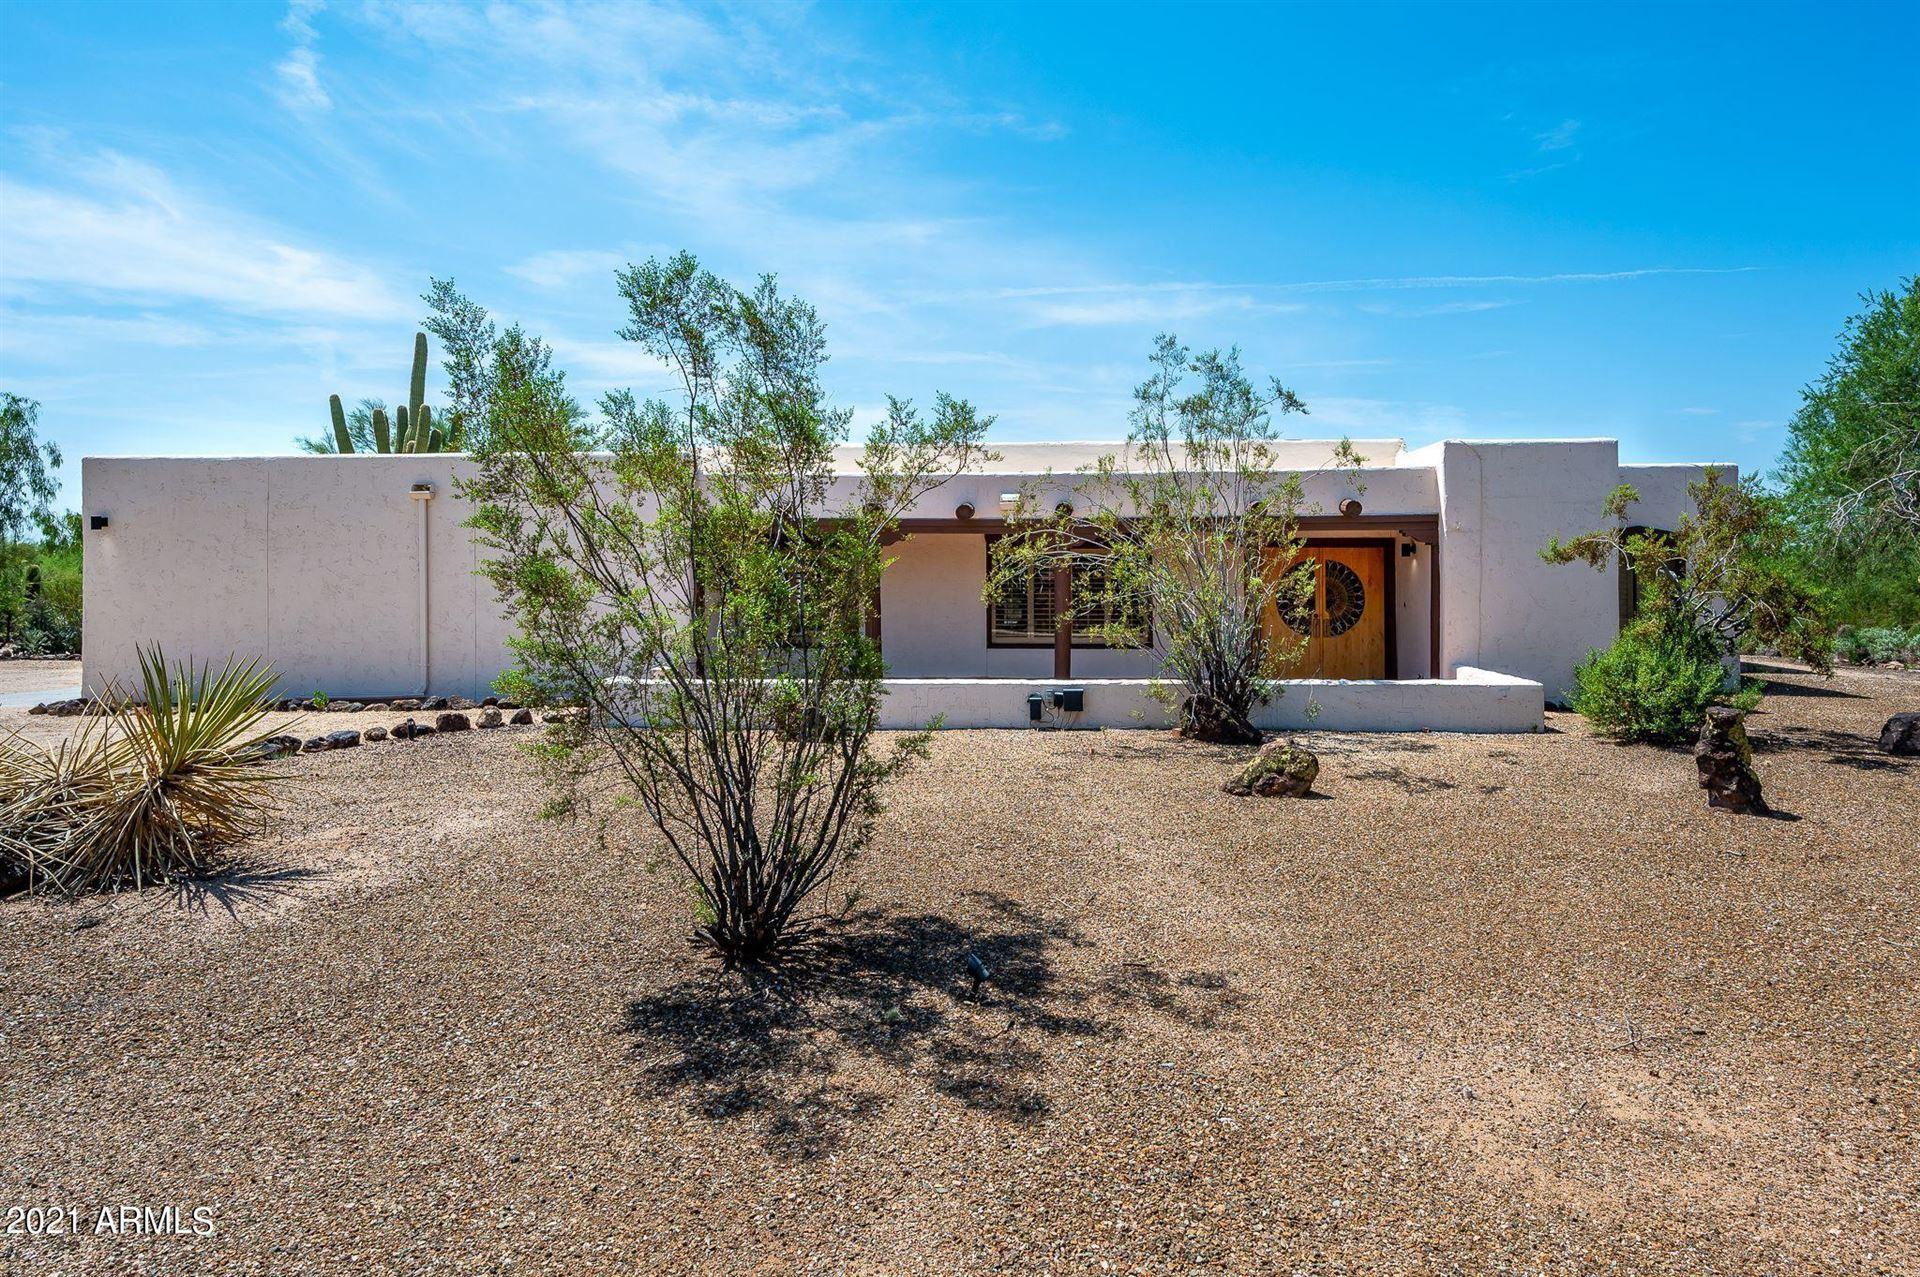 Photo of 8127 E VIA DEL SOL Drive, Scottsdale, AZ 85255 (MLS # 6270207)